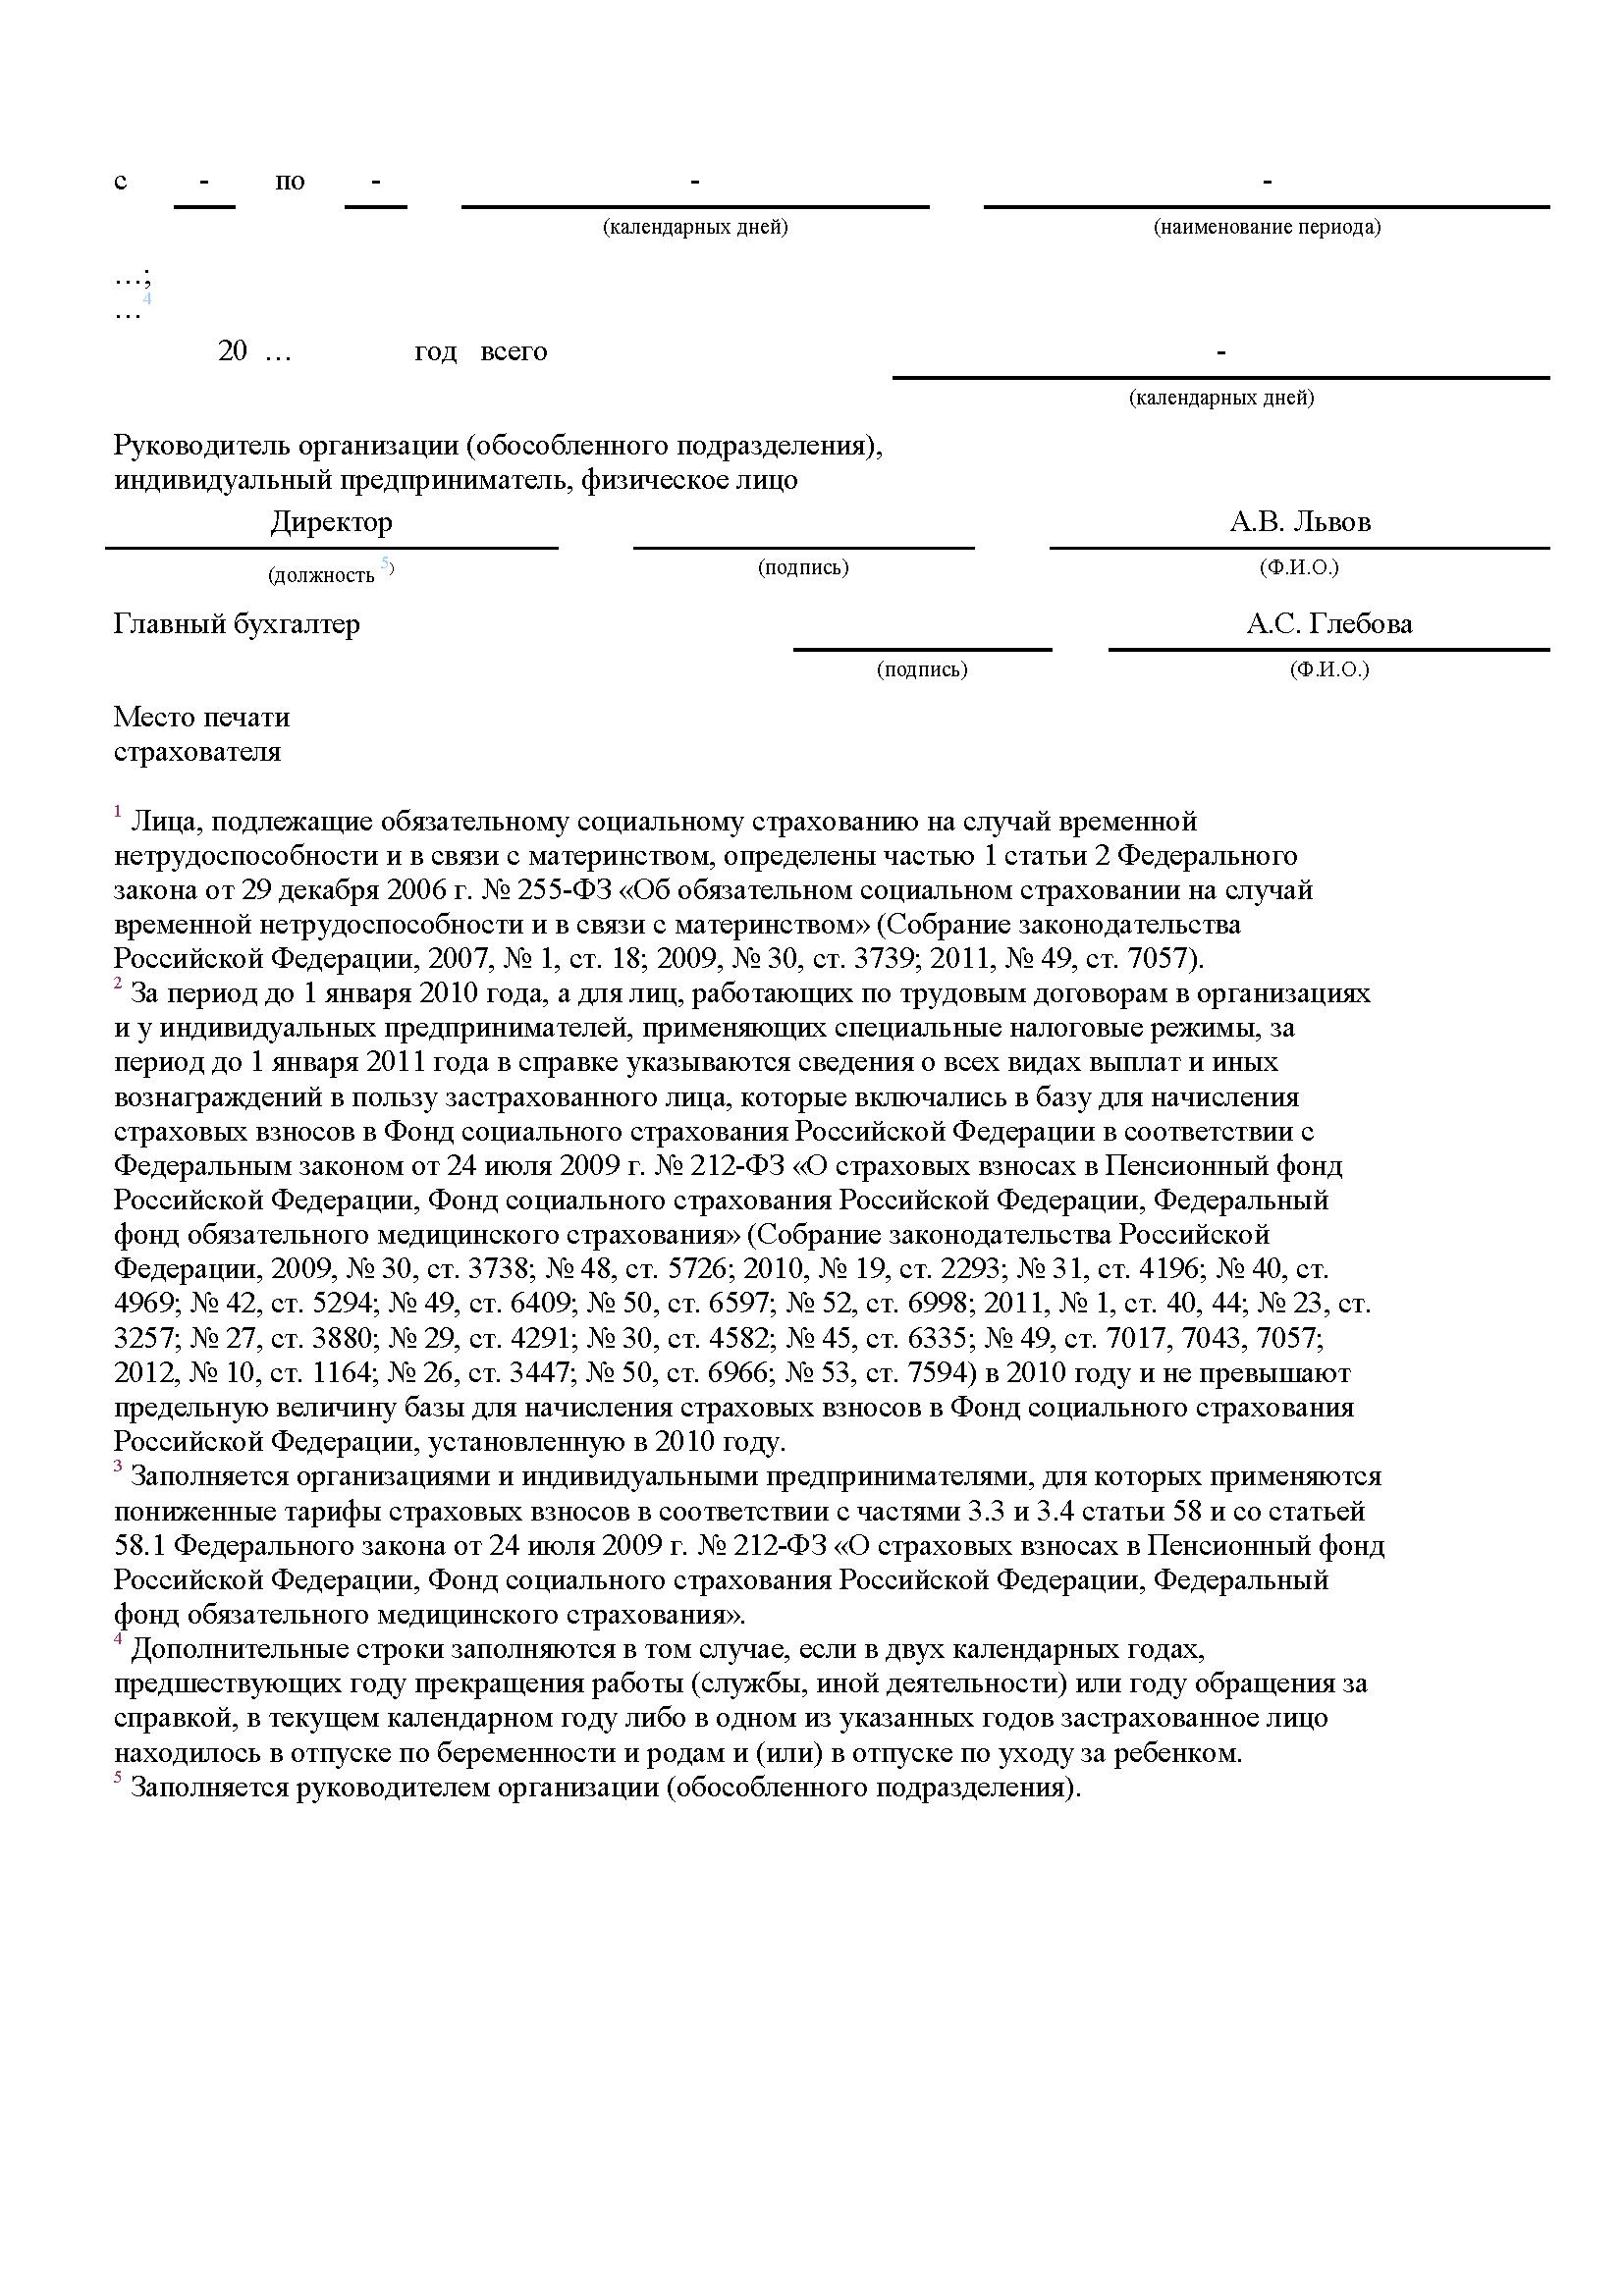 бланк справки для больничного ф182н